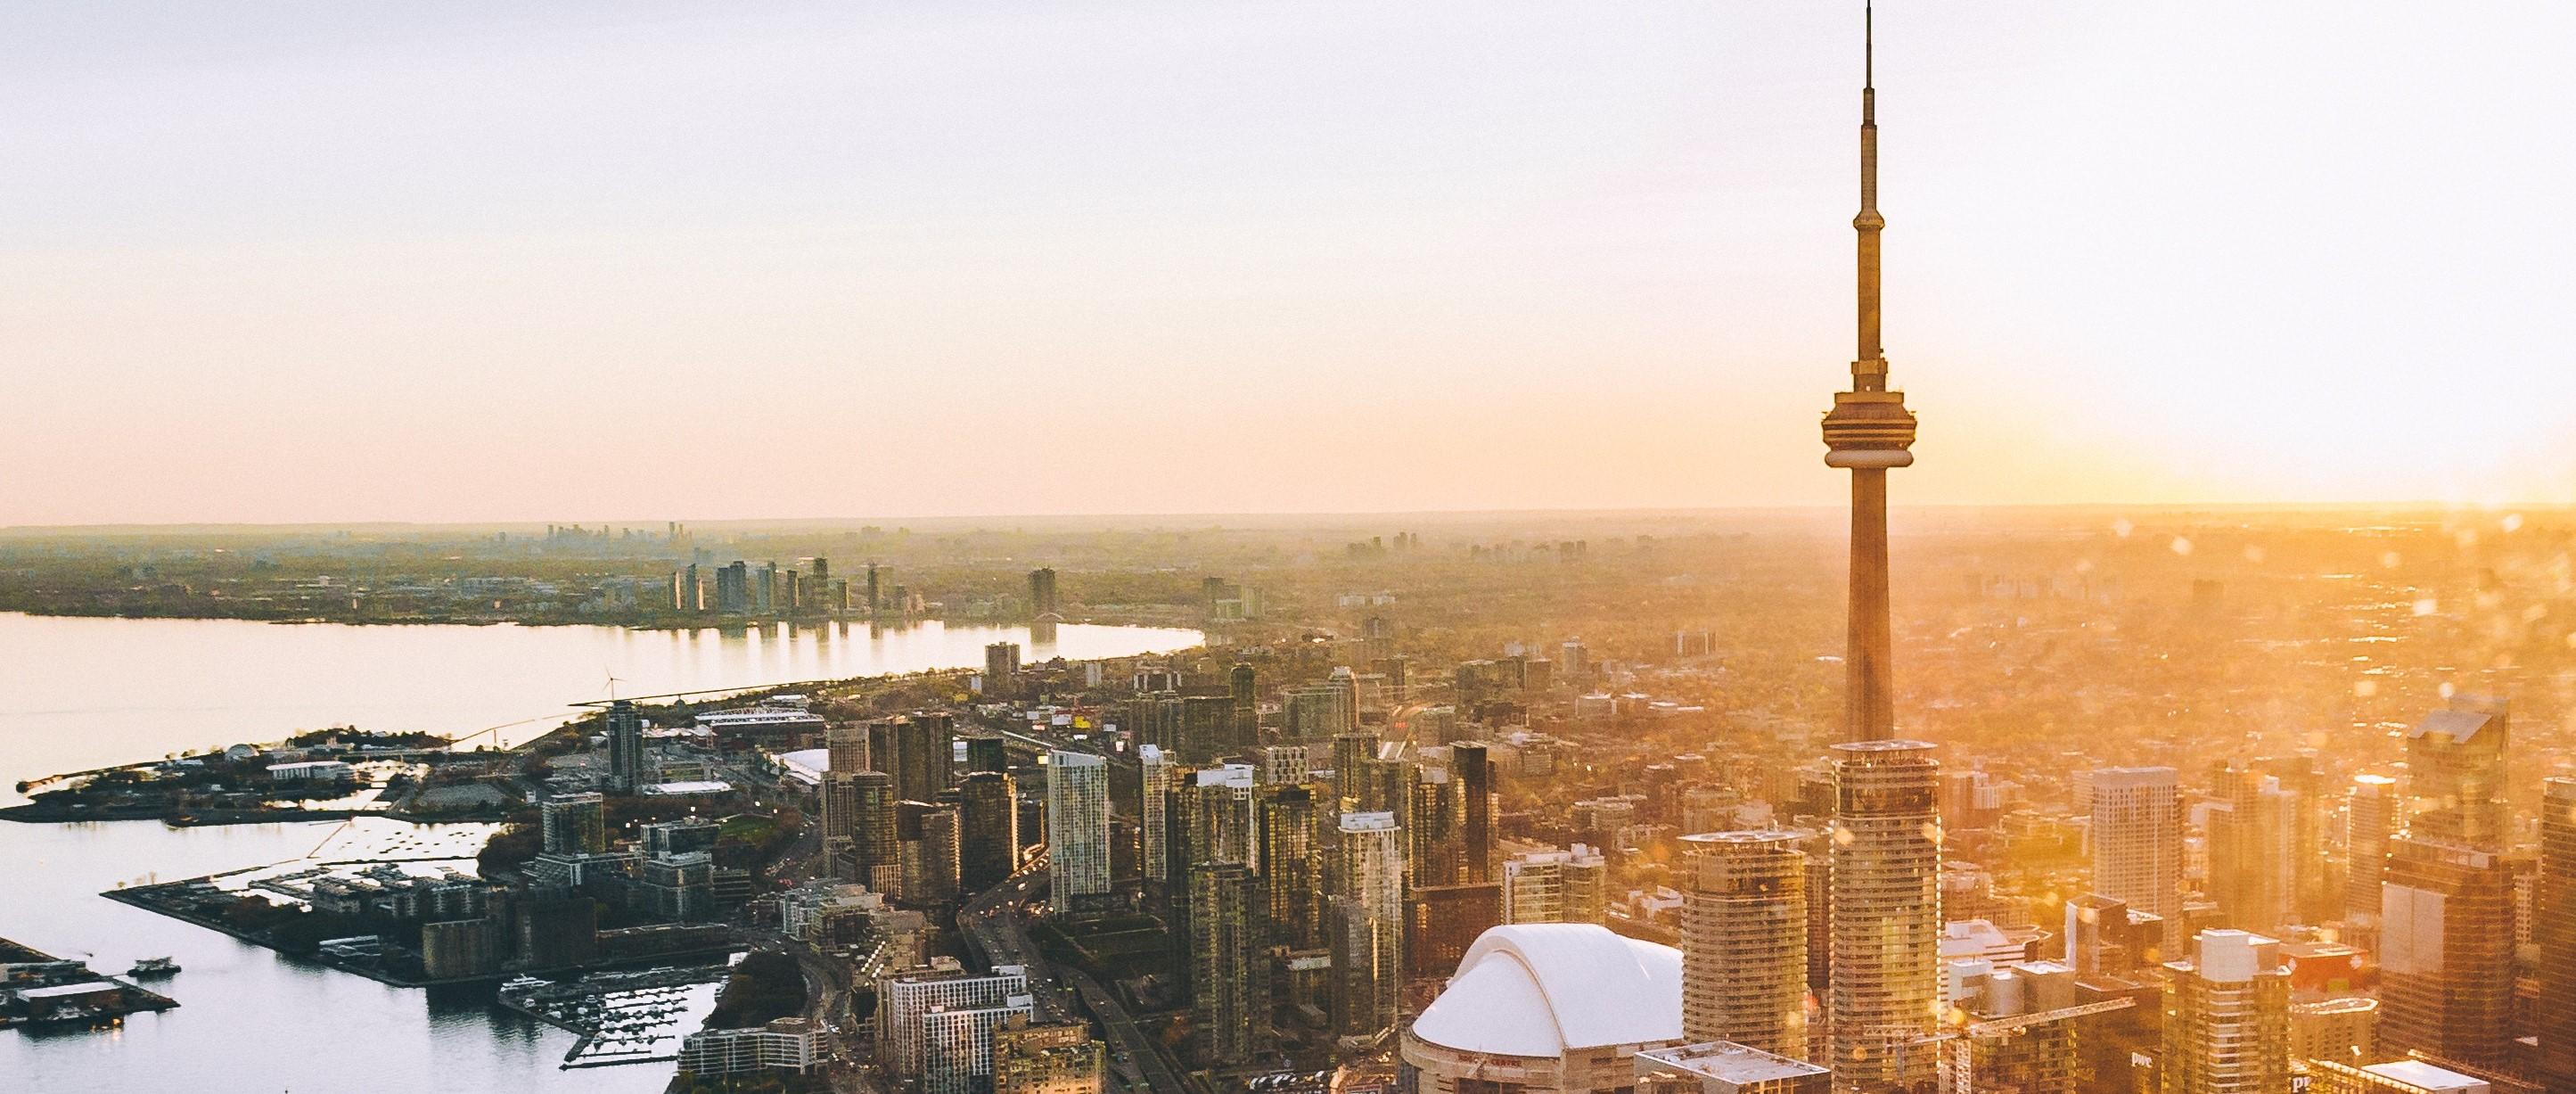 Canadian Regtech Association